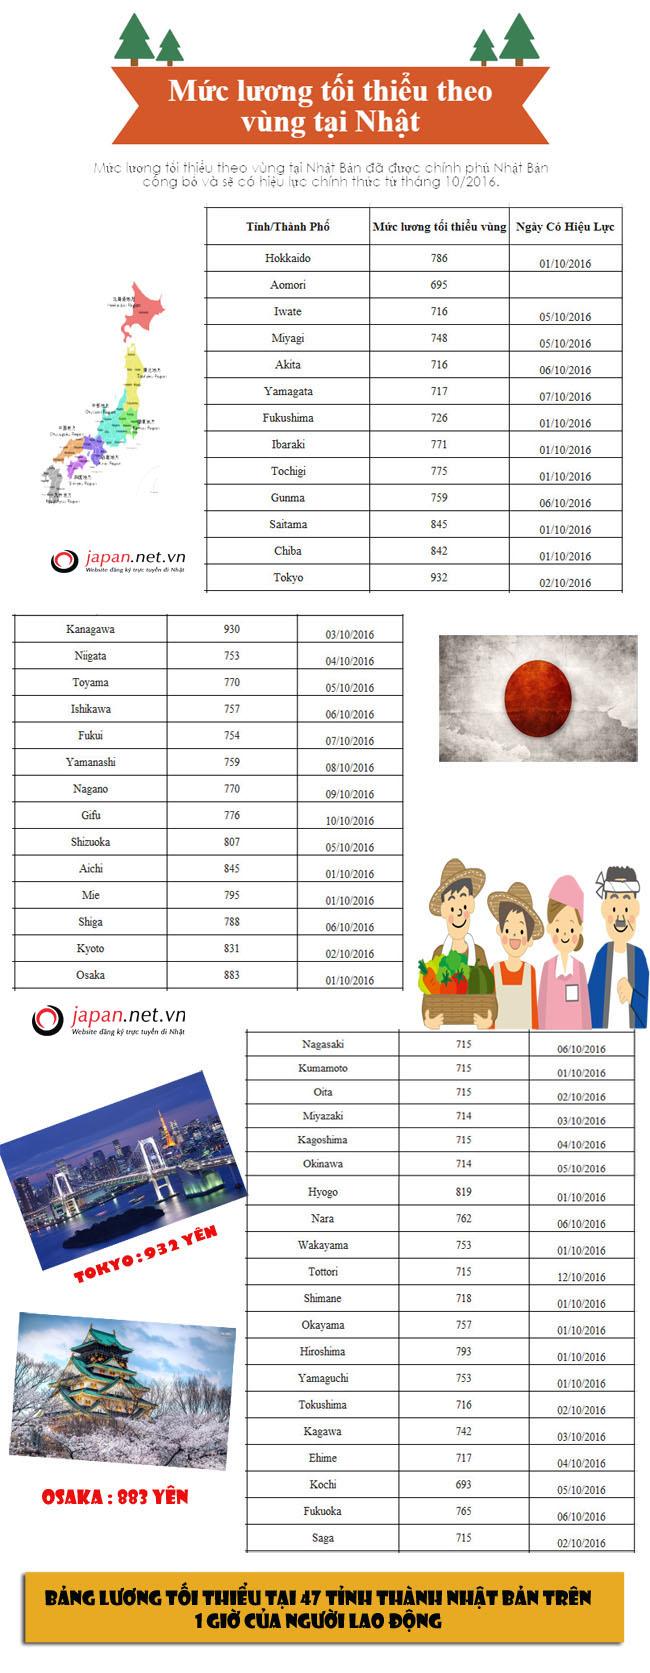 6 bước chọn đúng công ty uy tín xuất khẩu lao động Nhật Bản